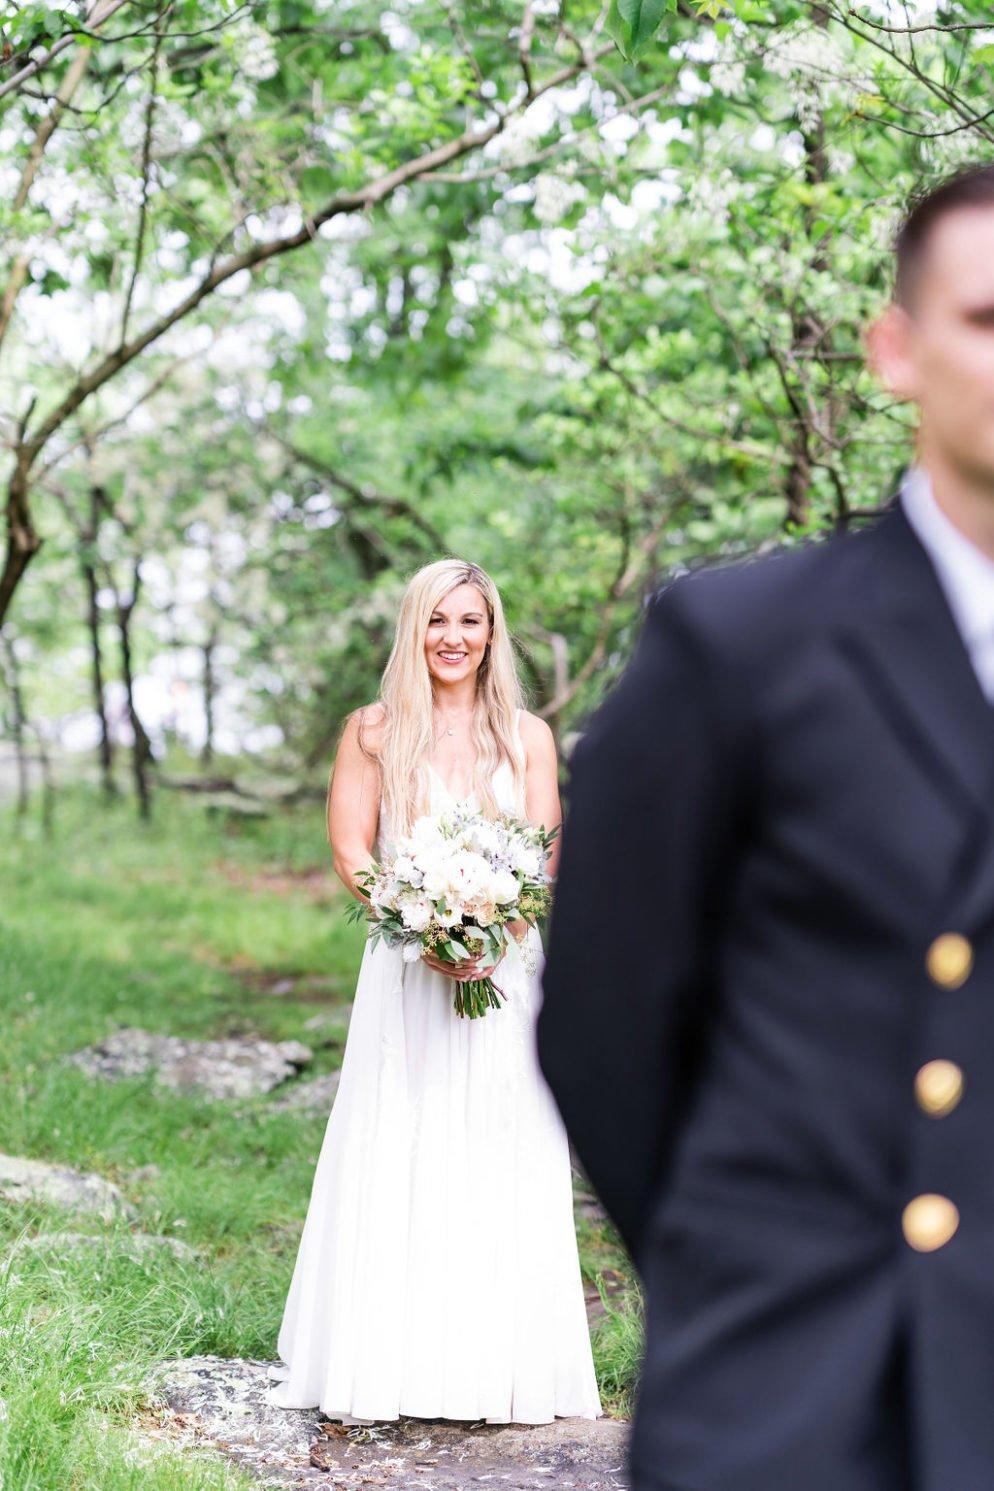 StefanieKamermanPhotography-AllieandBrian-ZionSpringsElopement-RoundHill,Virginia-77